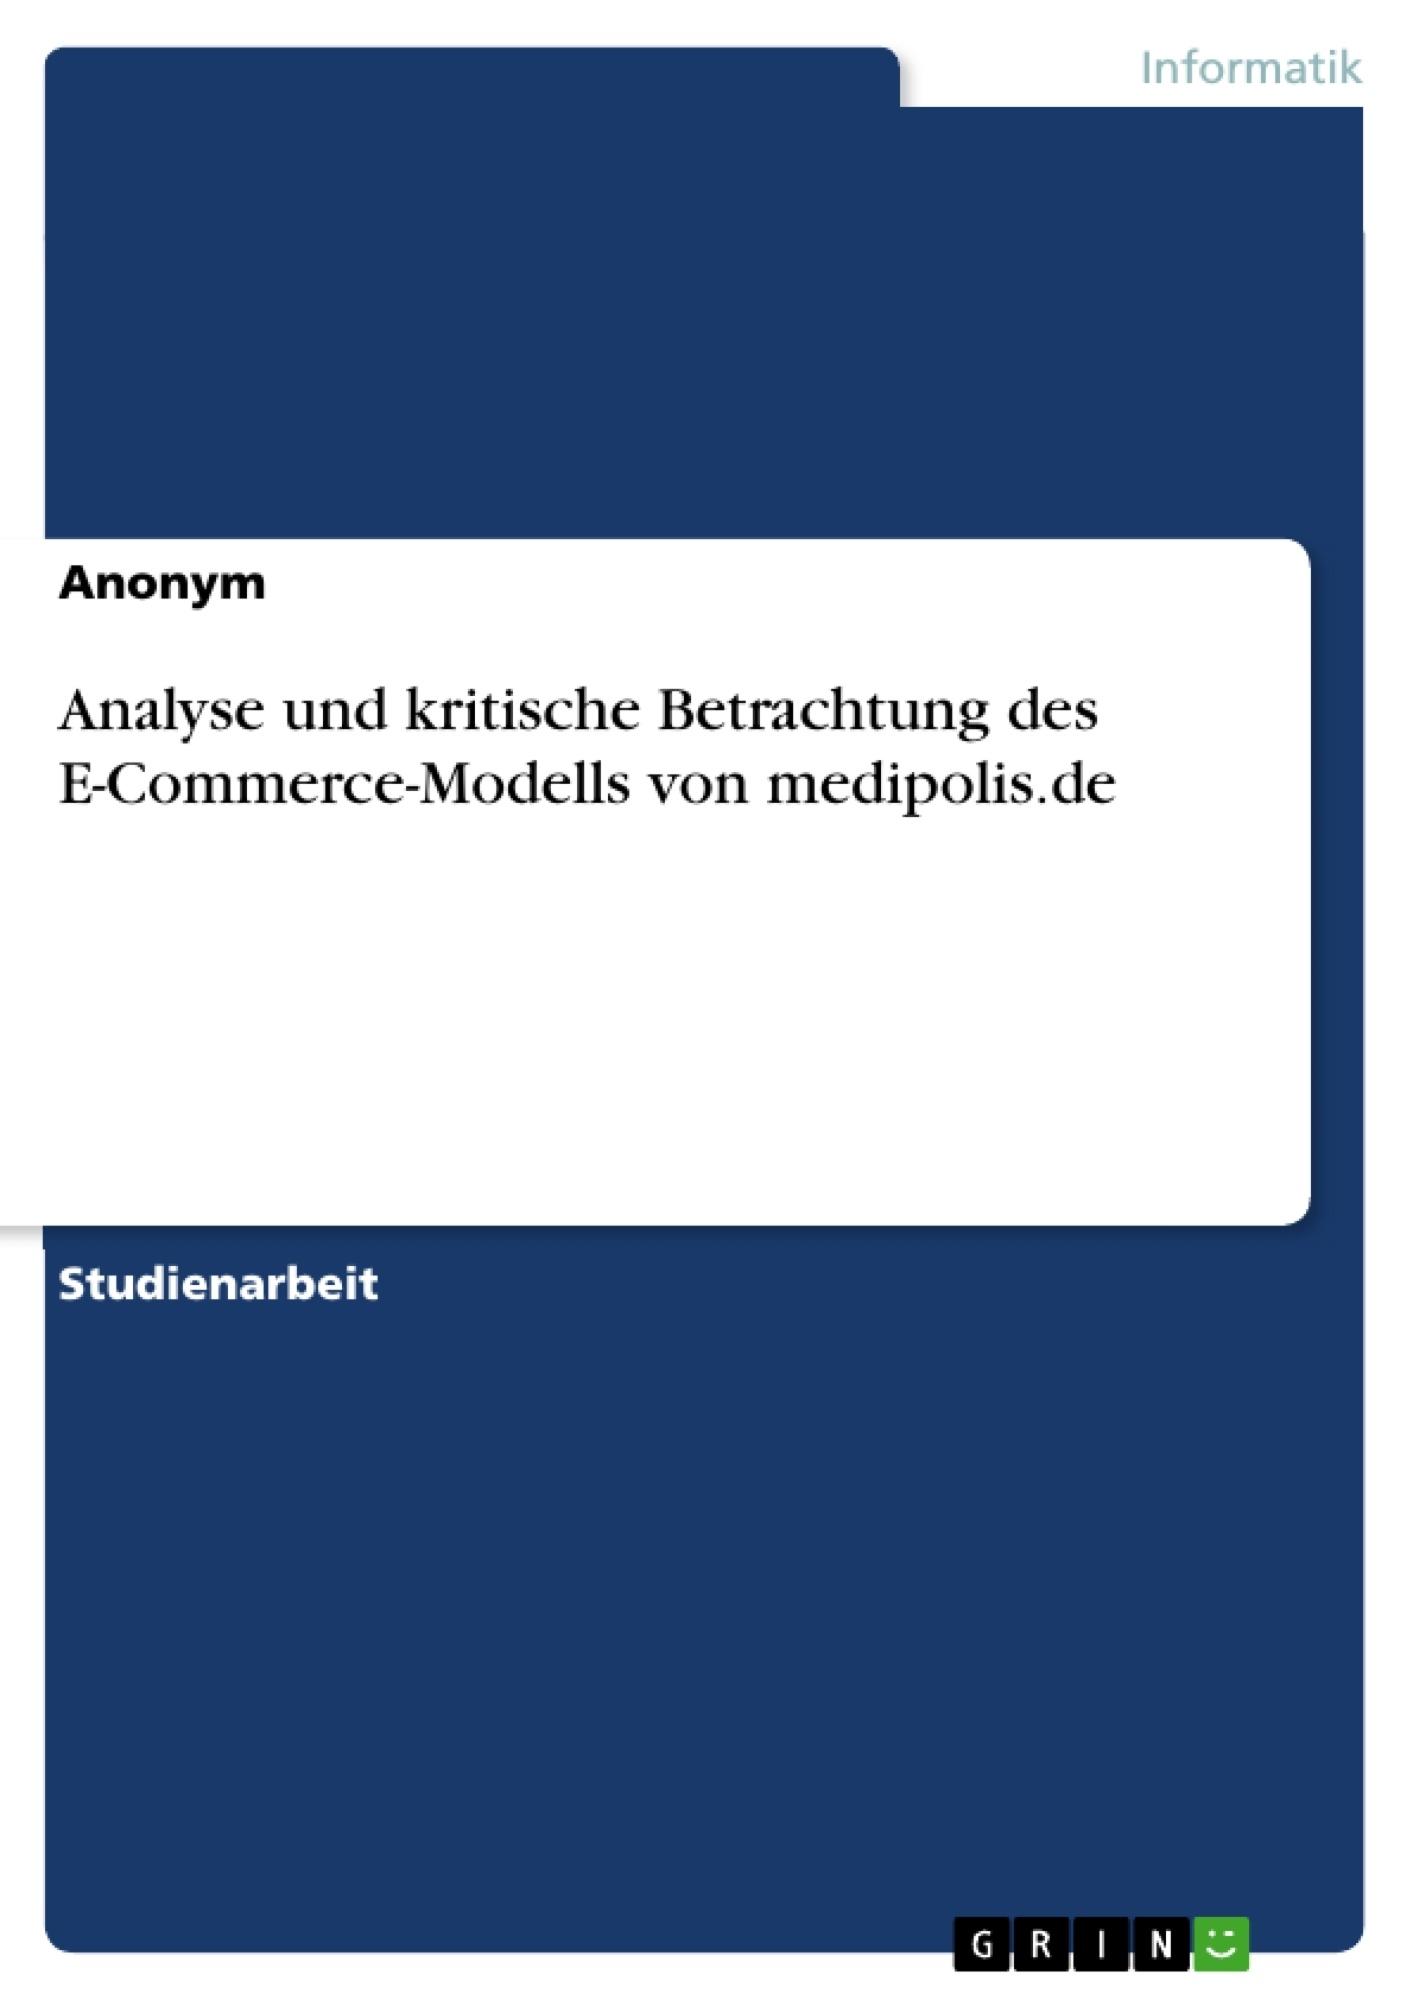 Titel: Analyse und kritische Betrachtung des E-Commerce-Modells von medipolis.de